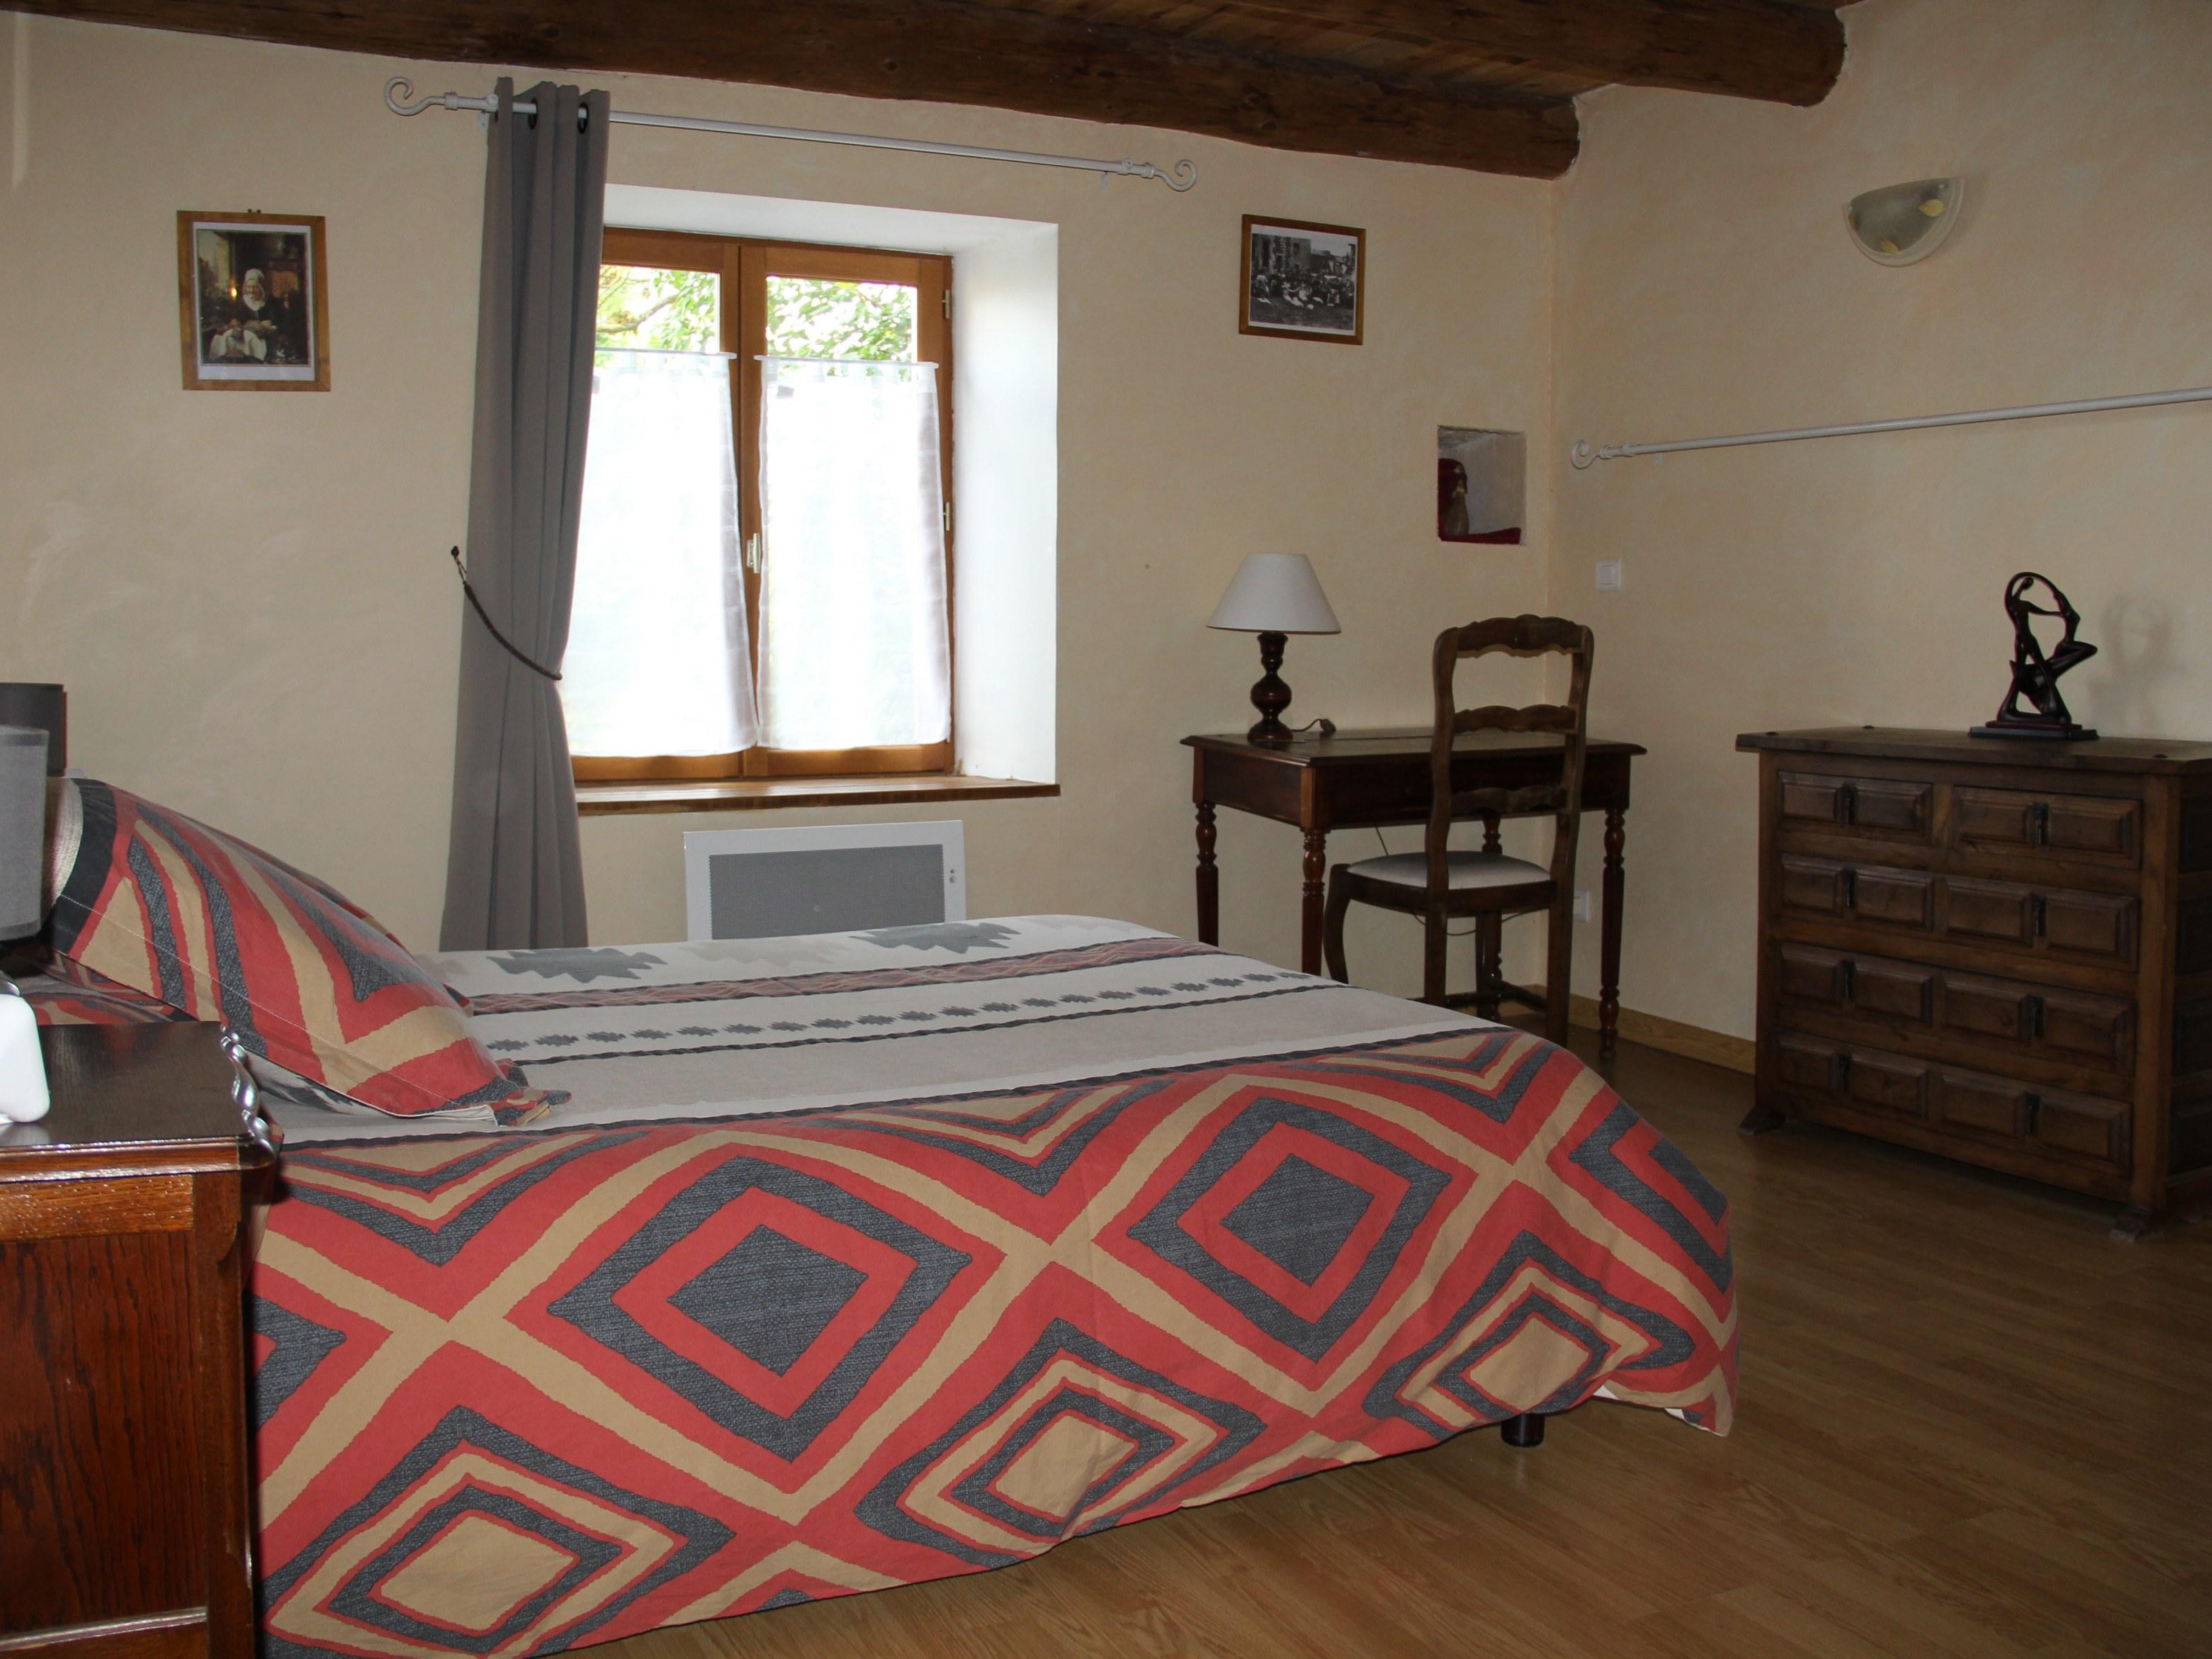 chambre-hotes-auvergne-lit-oreiller-parure-fenetre-lampe-chevet-meuble